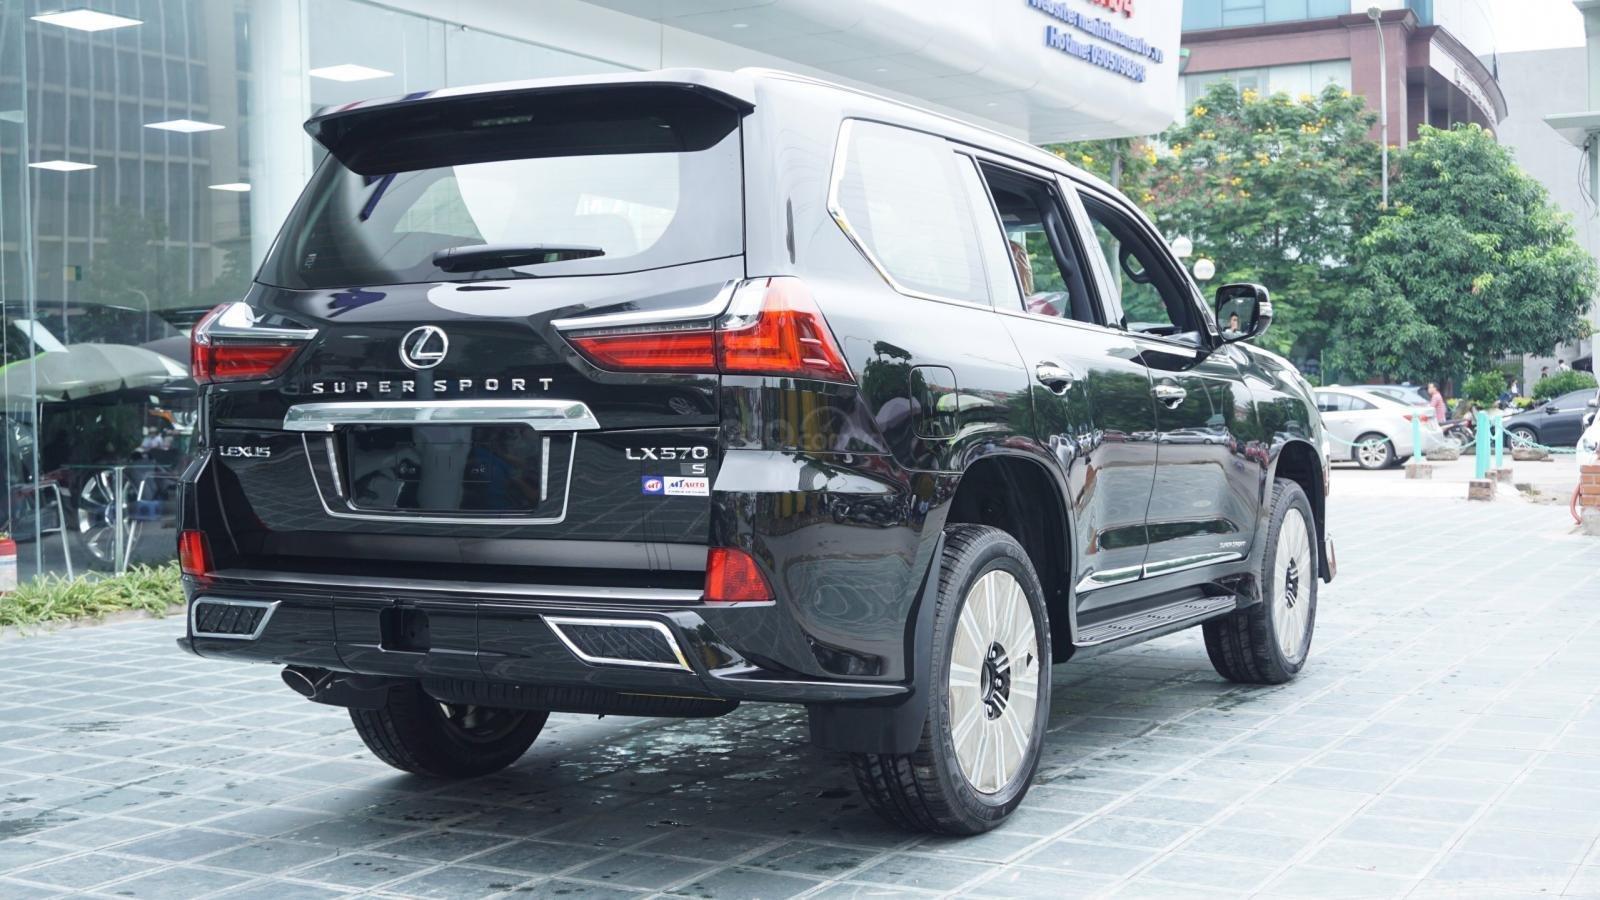 Cần bán xe Lexus LX570 Super Sport 2019 nhập Trung Đông, ngân hàng hỗ trợ 80%, LH Em Lộc: 093.798.2266 (9)